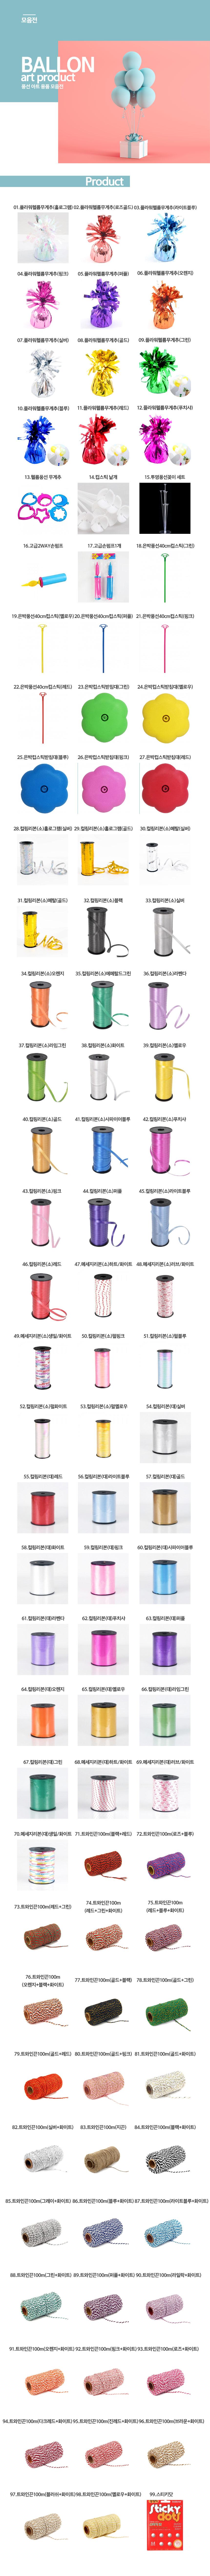 풍선도구모음전(무게추/컵스틱/손펌프/리본/트와인끈) - 파티스토리, 2,400원, 파티용품, 풍선/세트